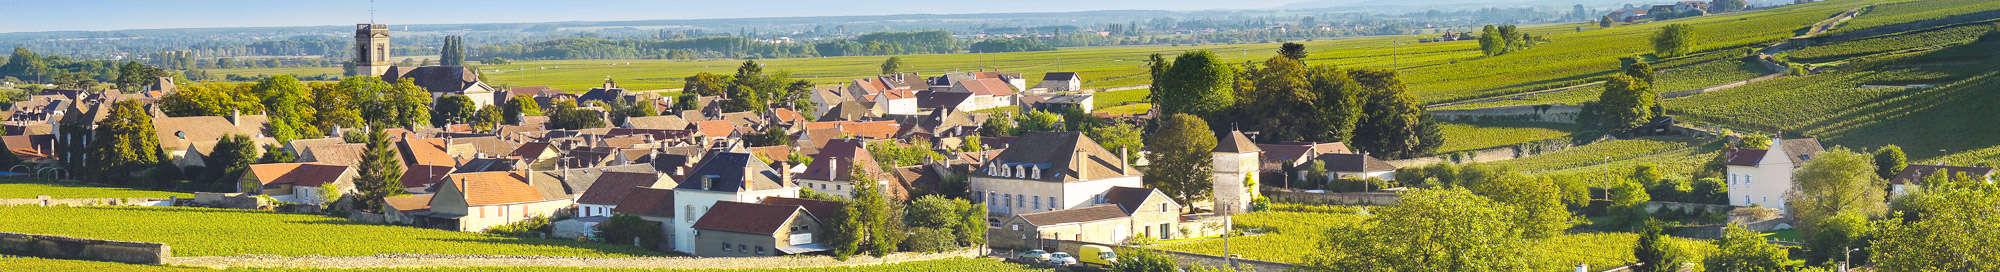 Week-end et séjour en Bourgogne